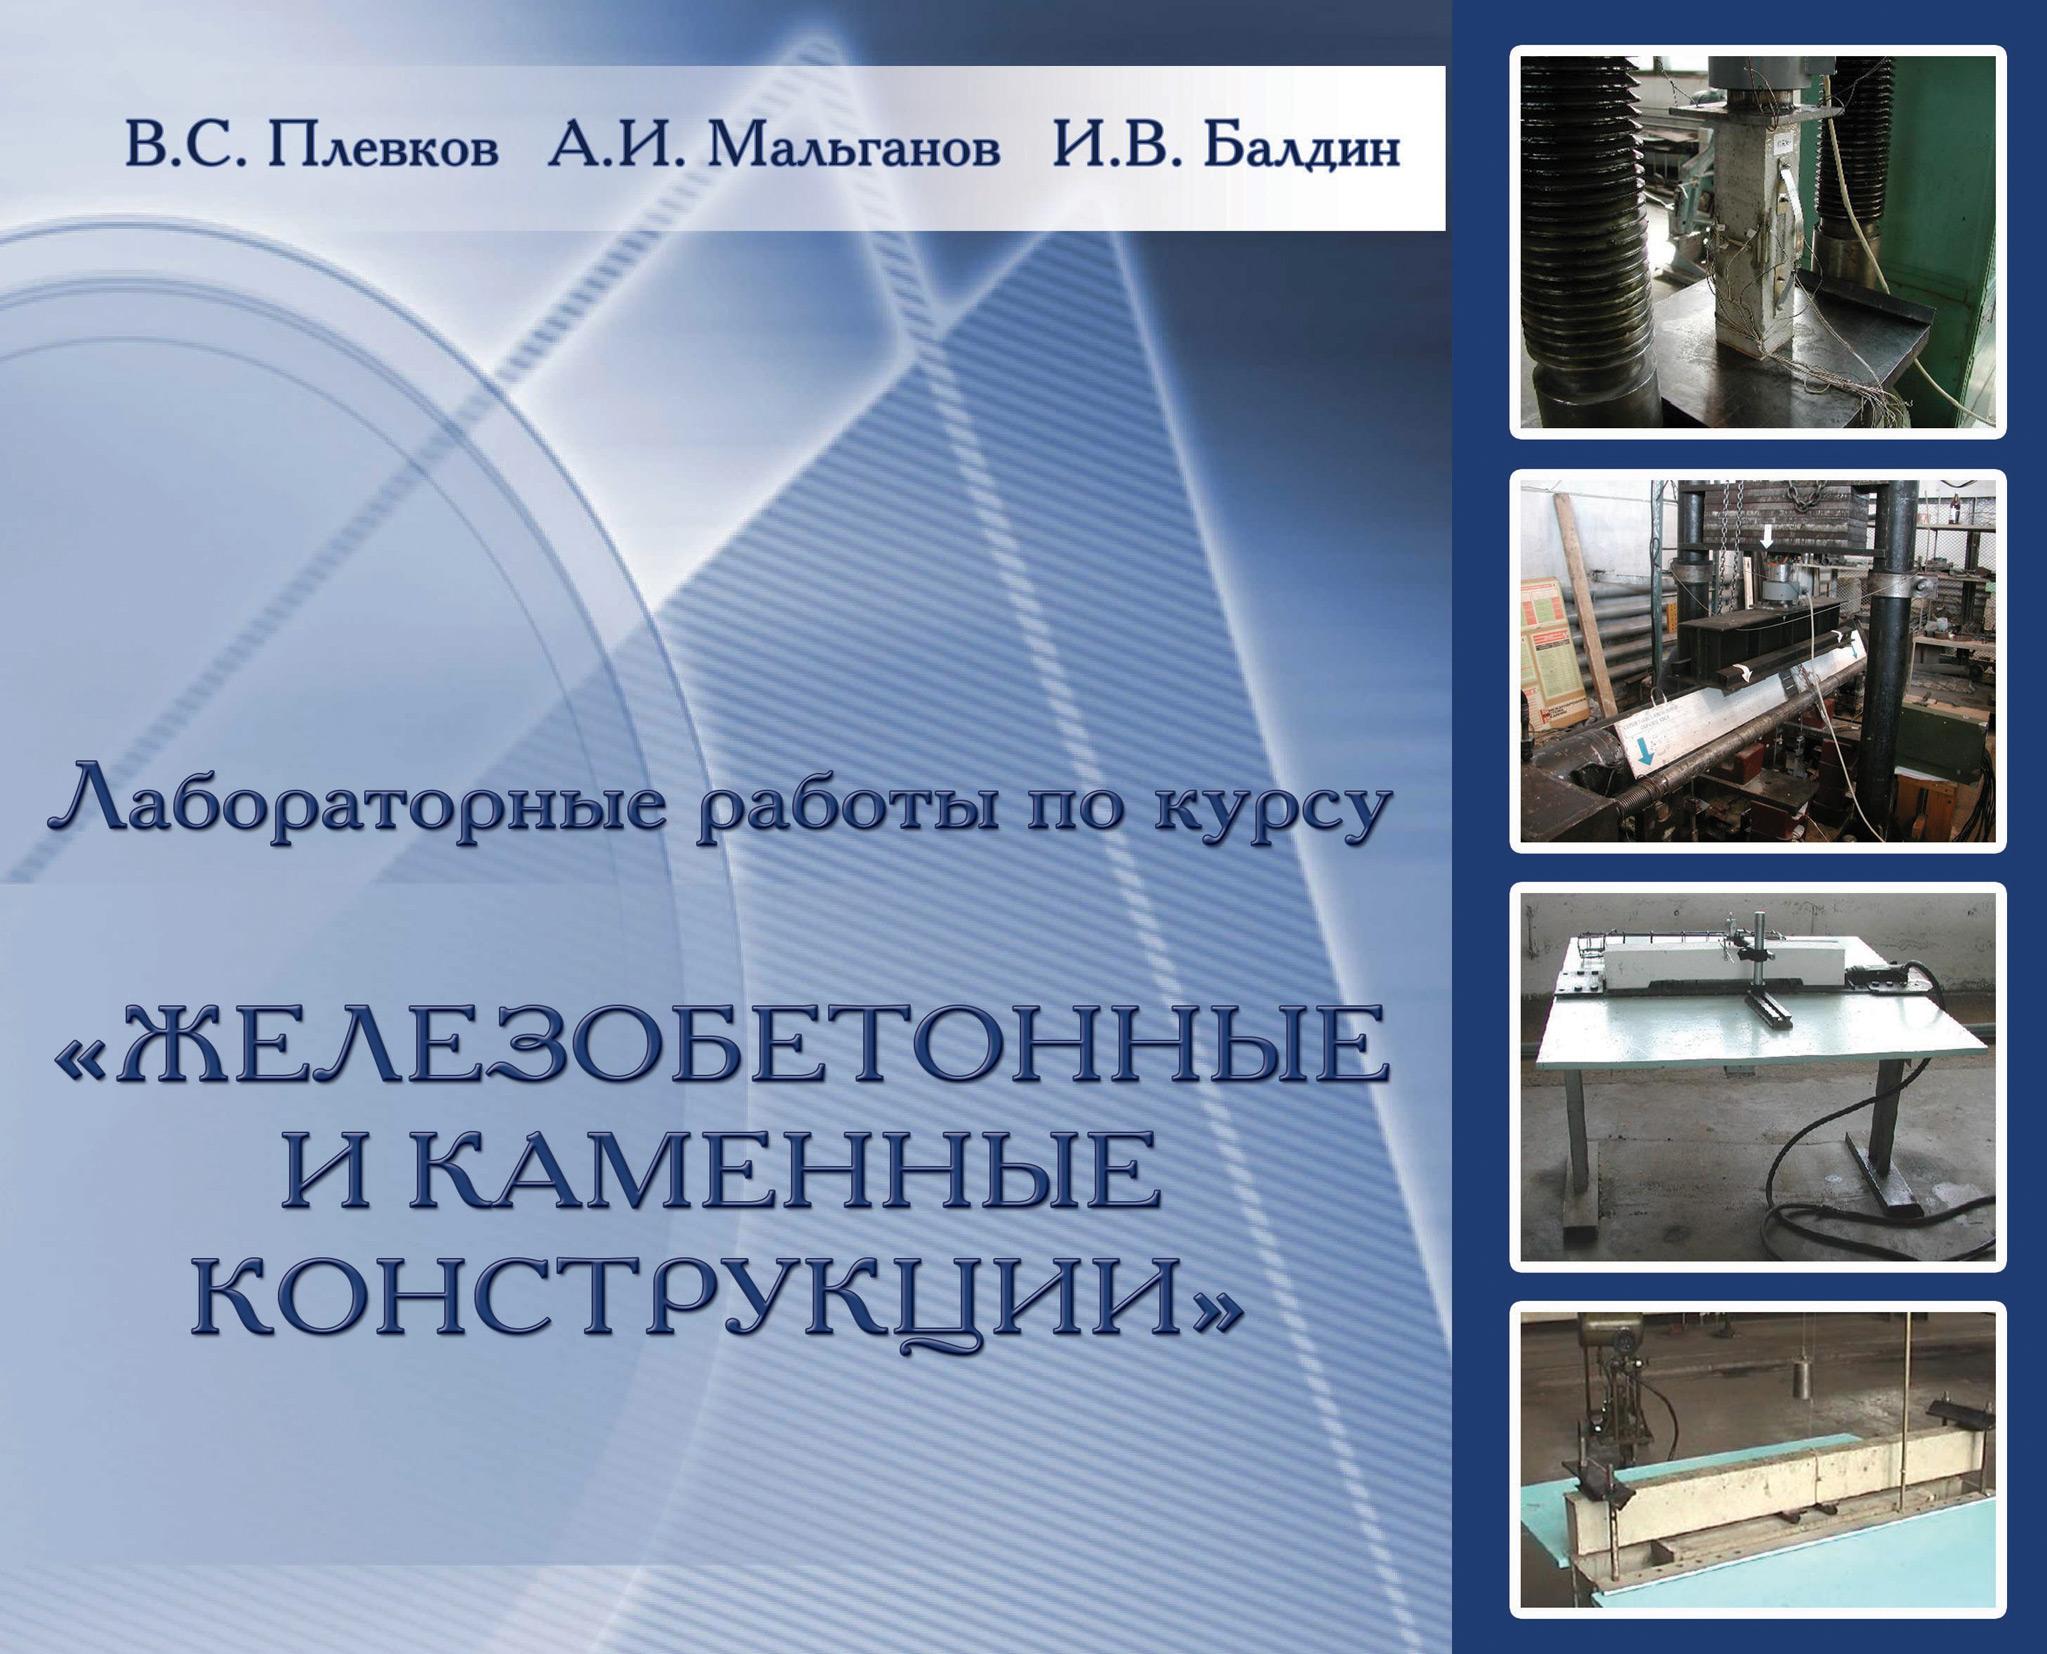 В. С. Плевков Лабораторные работы по курсу «Железобетонные и каменные конструкции»